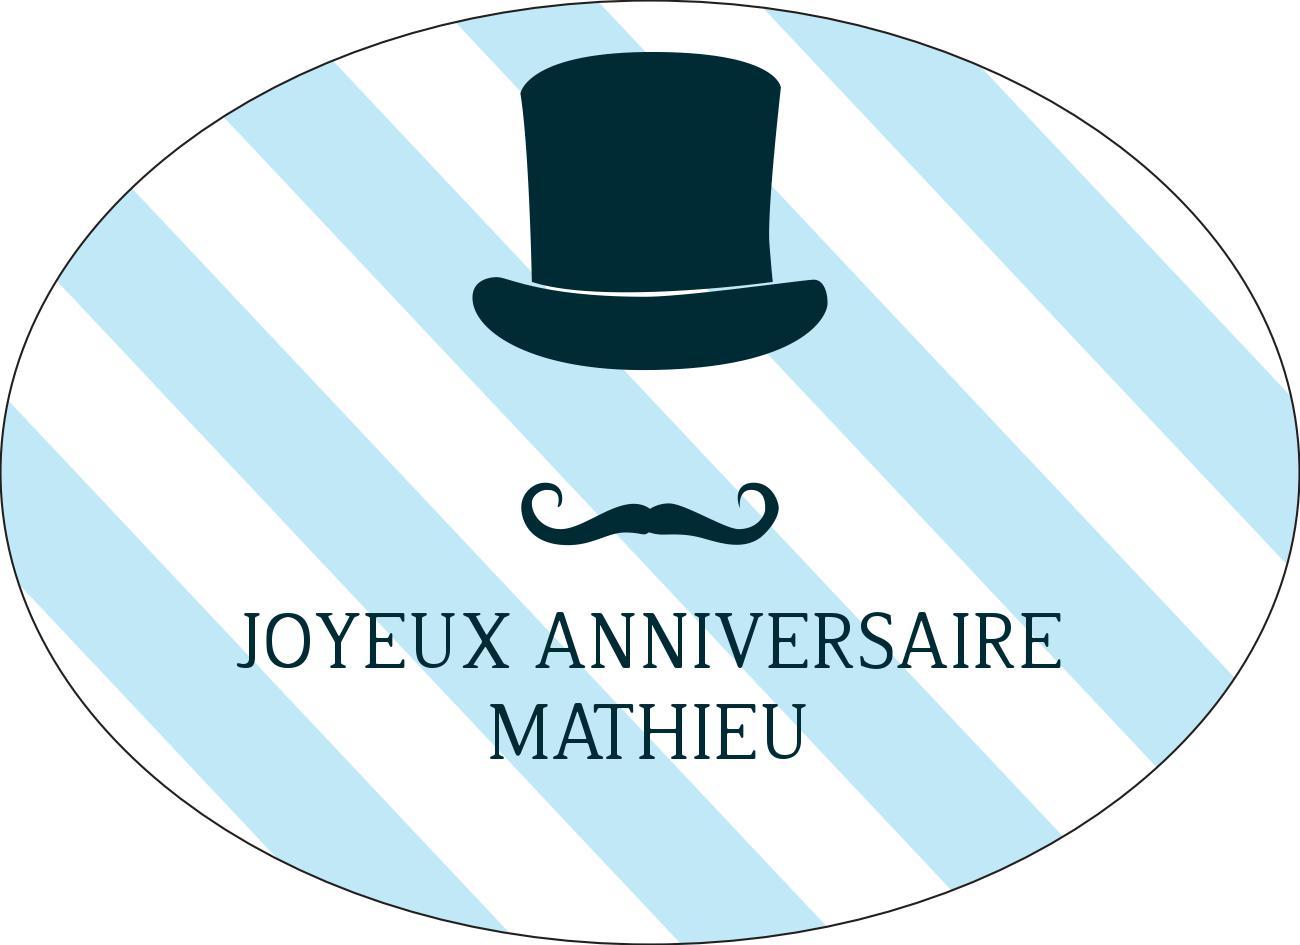 birthday-adults-mathieu